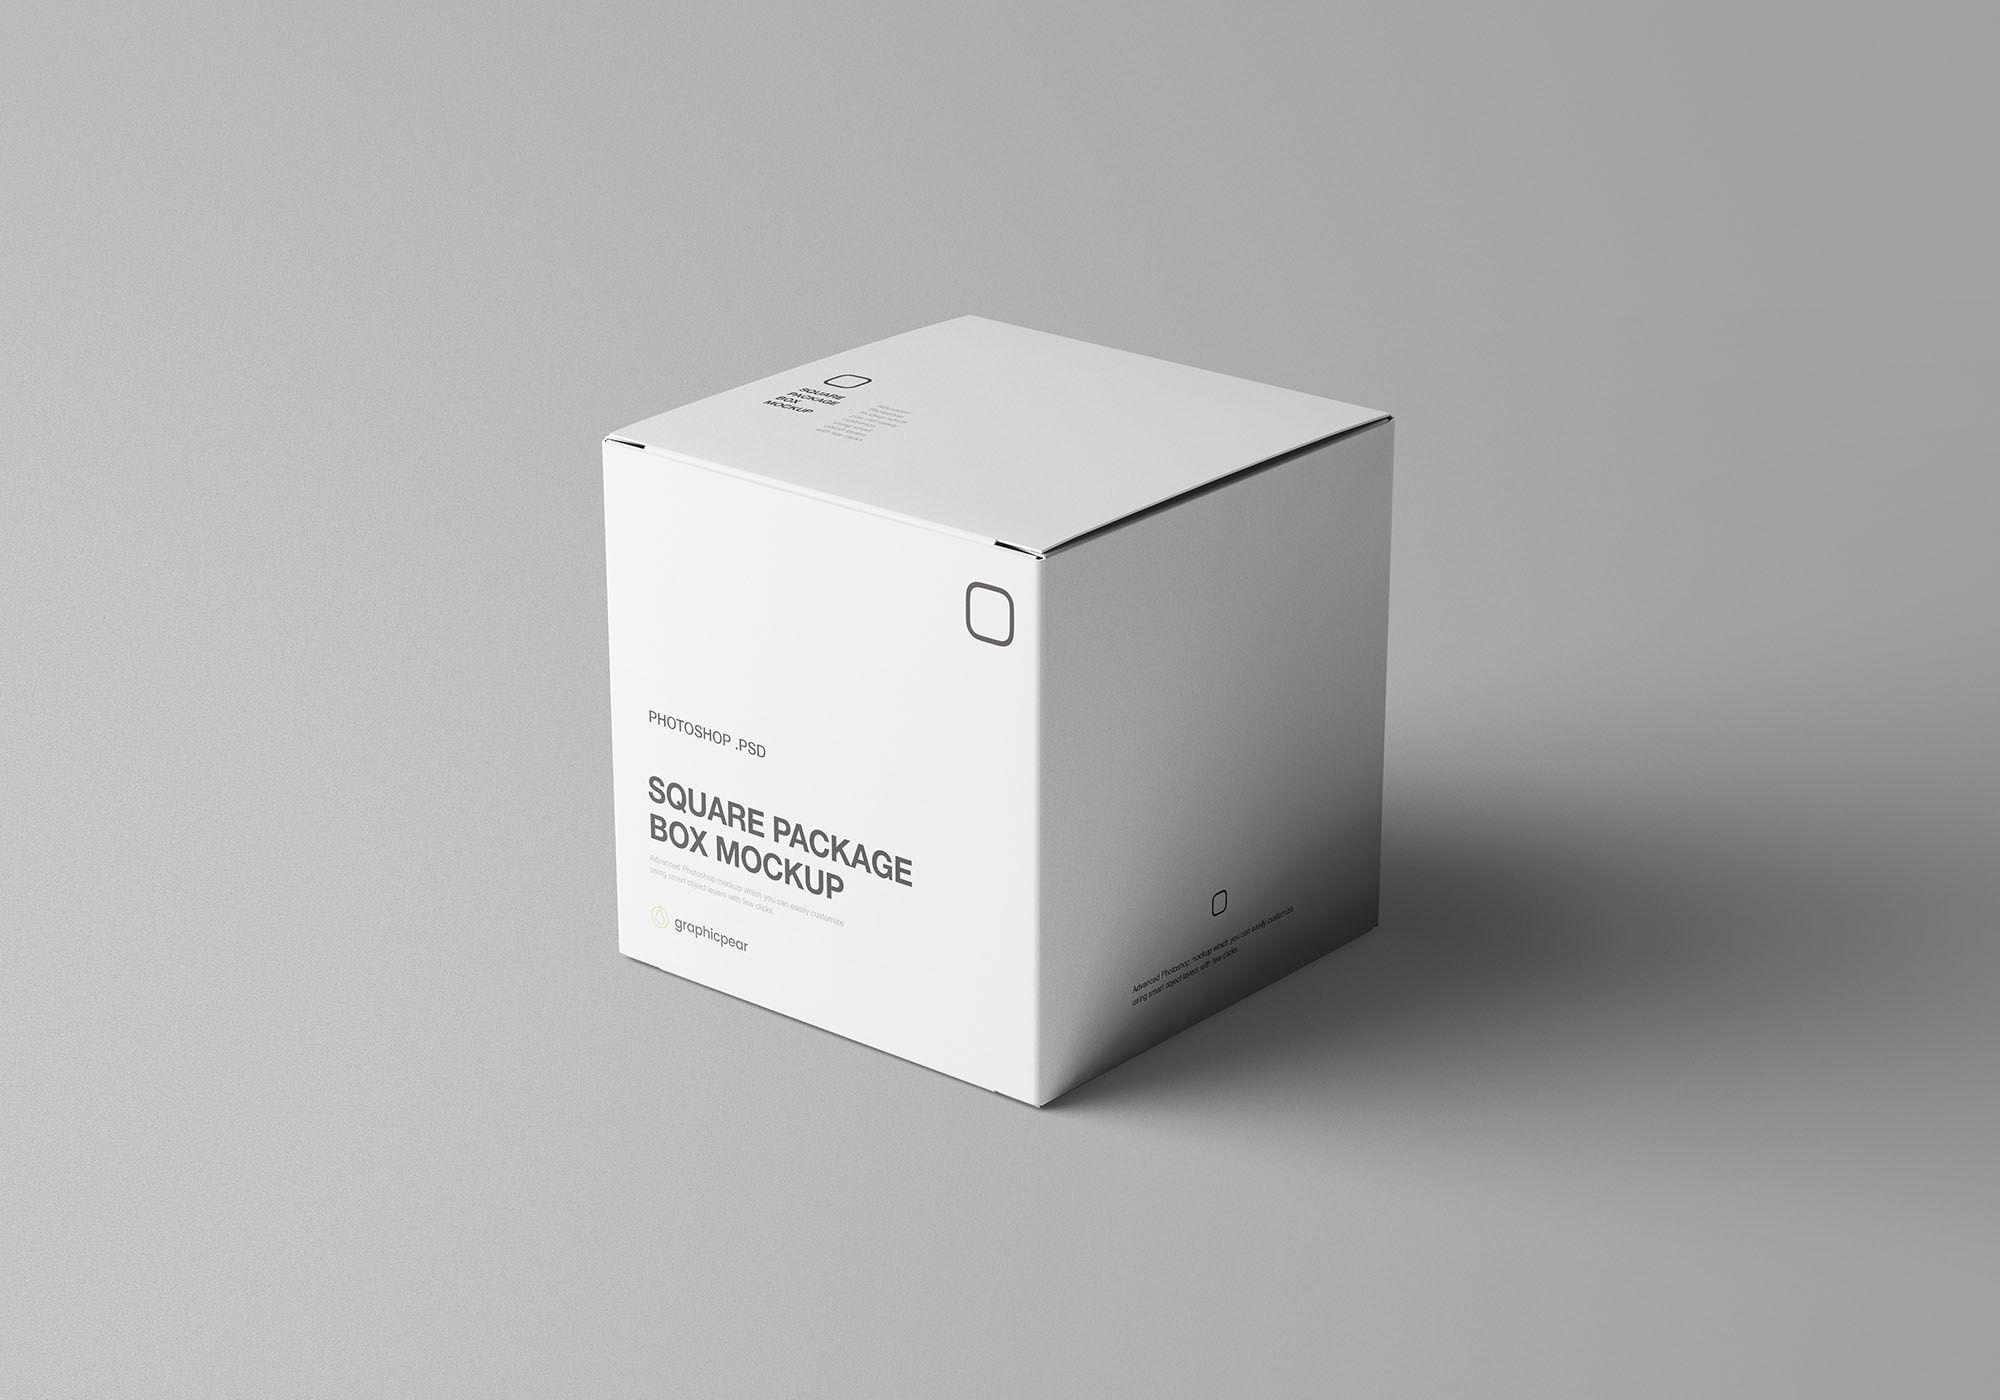 Square Package Box Mockup Box Mockup Mockup Packaging